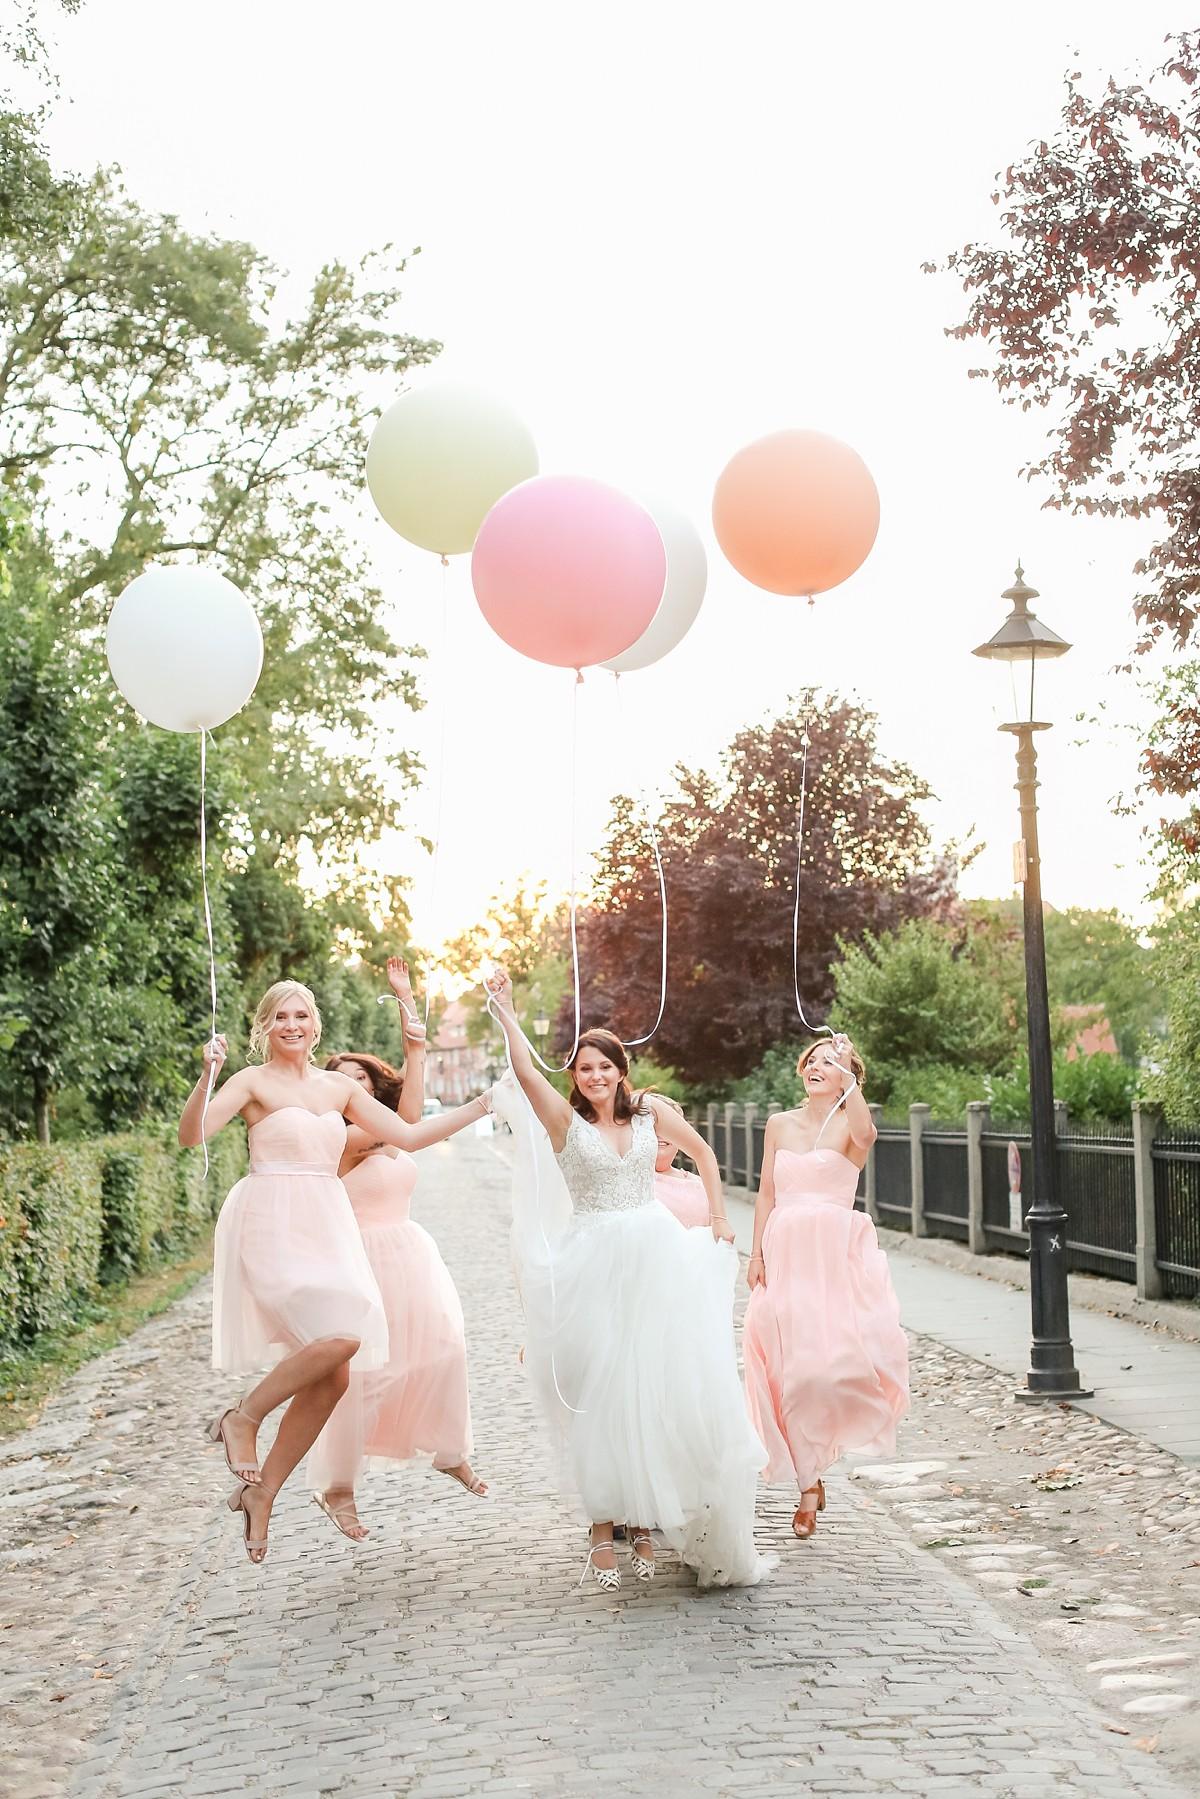 Hochzeitsfotograf-Gütersloh-Orangerie-Schloss-Rheda-Hochzeit-Nrw_0157